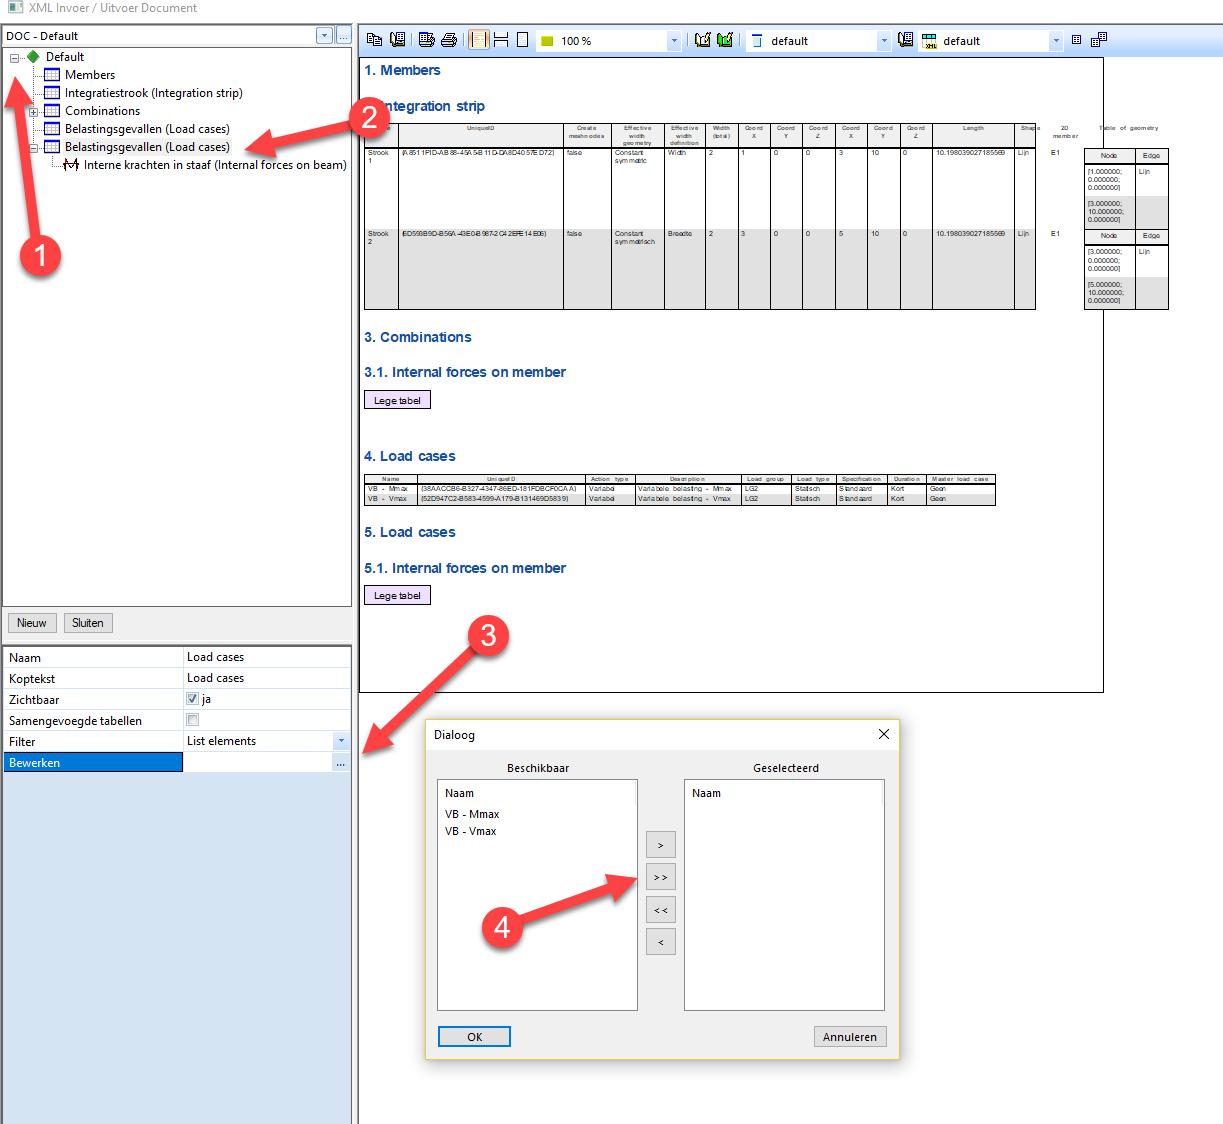 XML invoer vanuit SCIA Engineer naar IDEA BEAM